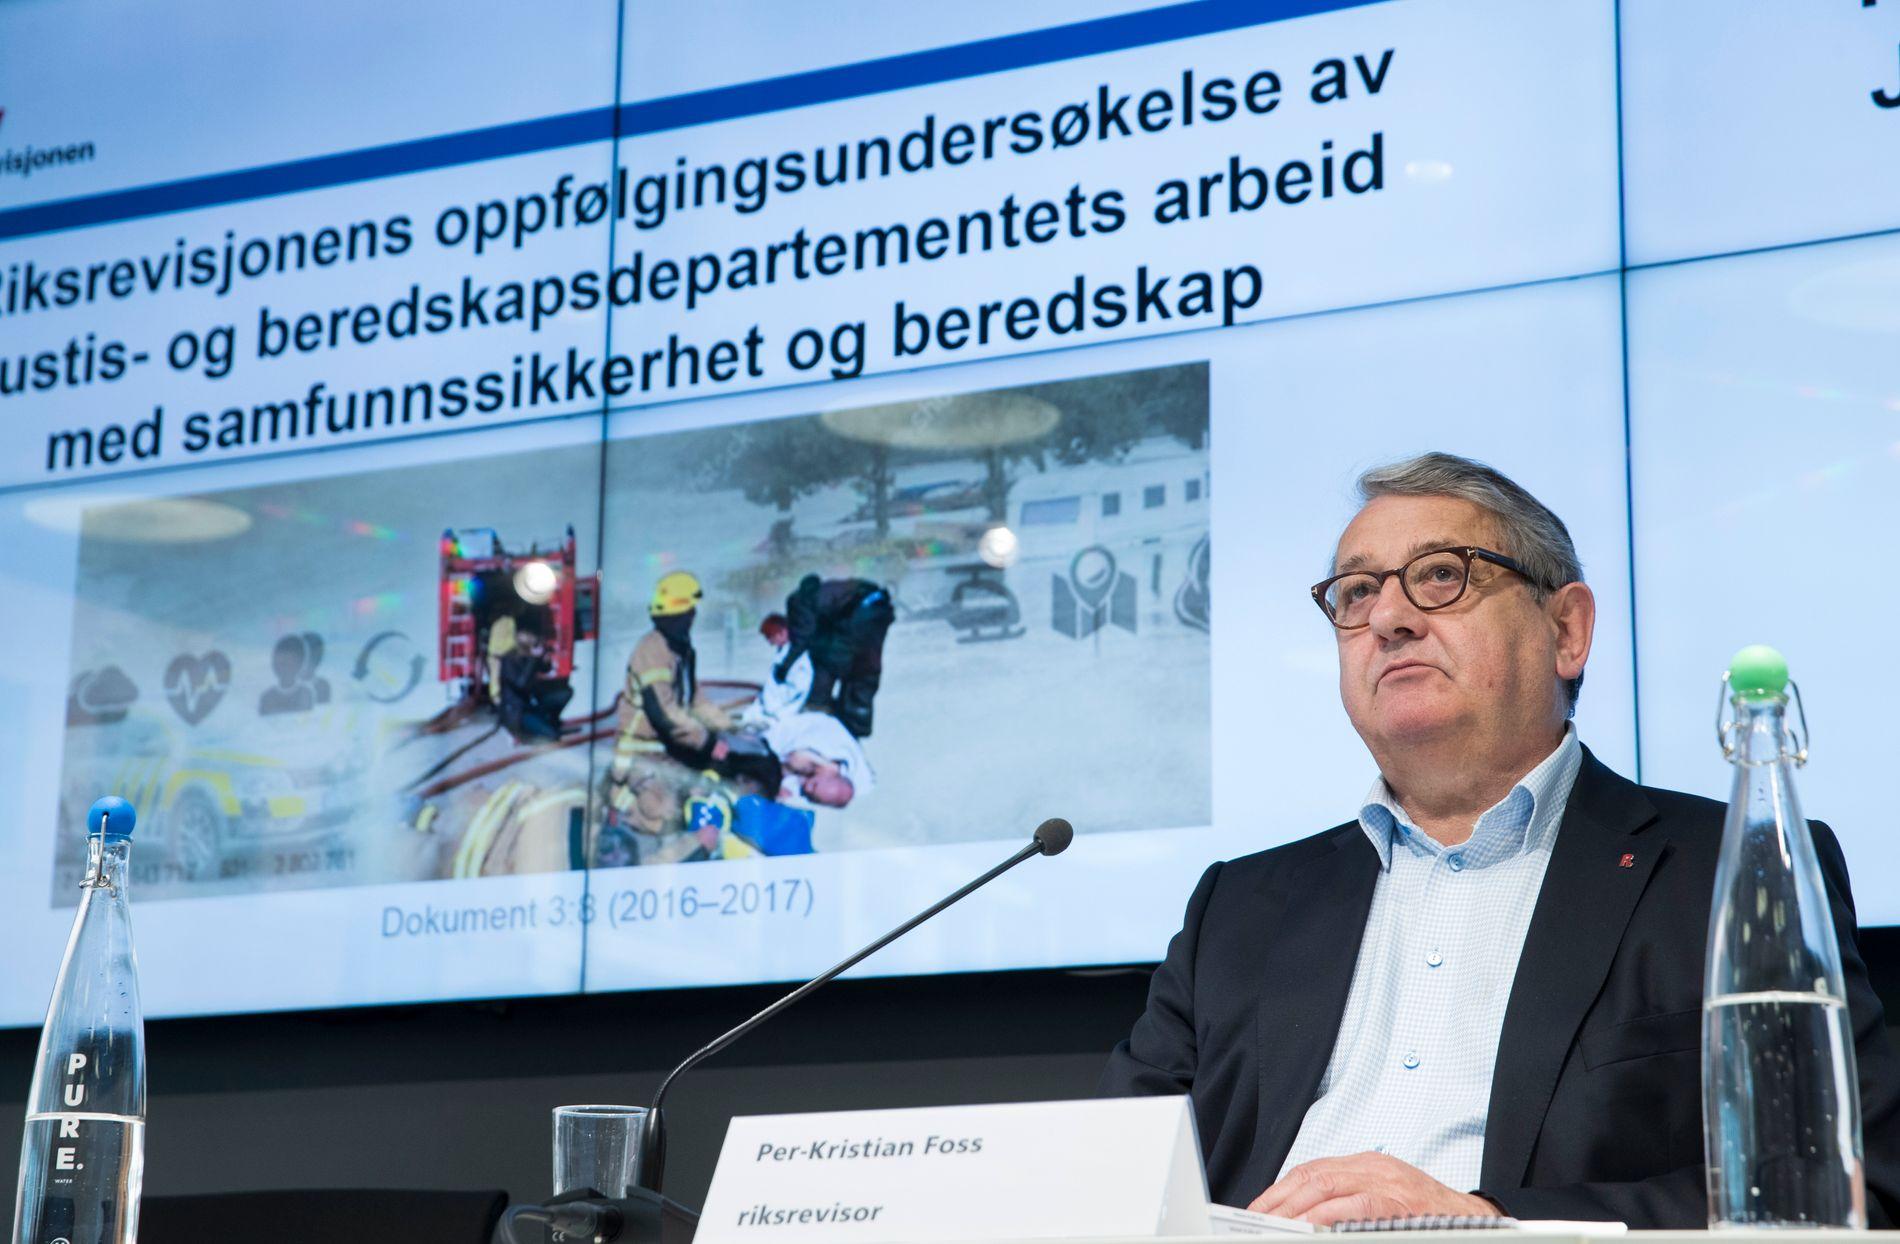 IKKE I MÅL: Riksrevisor Per-Kristian Foss mener at regjeringen har forbedret samfunnsikkerheten, men noen statråder er fortsatt i brudd med instruksene og har ikke god nok oversikt i sin sektor.